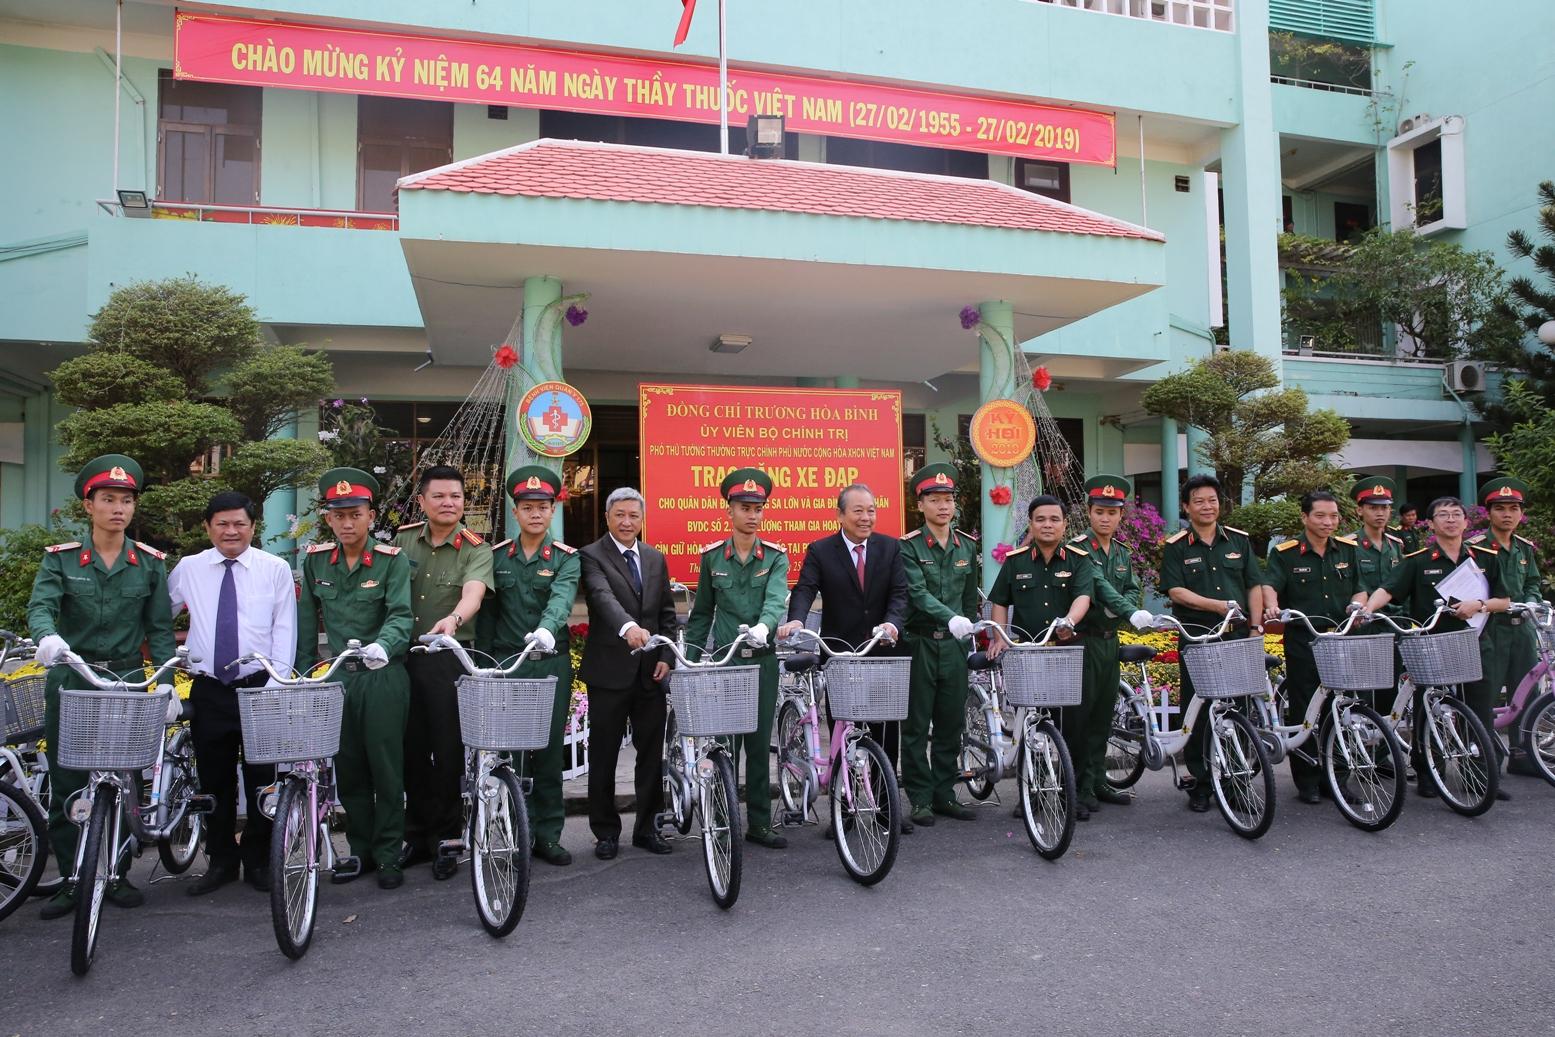 Phó Thủ tướng Thường trực Chính phủ Trương Hòa Bình trao tặng 50 chiếc xe đạp cho quân dân đảo Trường Sa lớn và gia đình và gia đình các quân nhân của Bệnh viện dã chiến số 2.1 thực hiện nhiệm vụ tại Nam Sudan. Ảnh: VGP/Mạnh Hùng